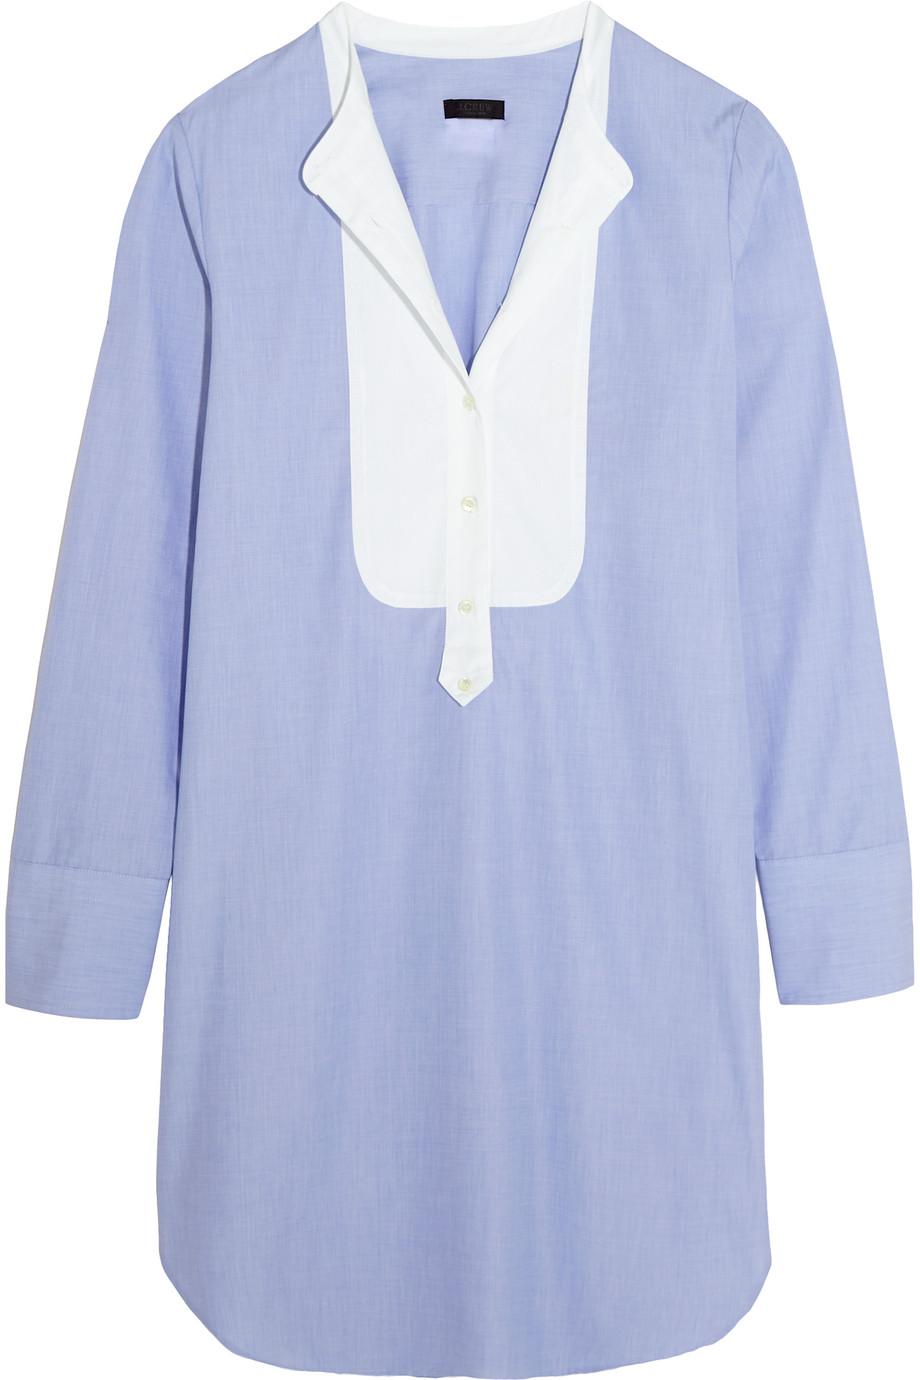 J.Crew Collection Thomas Mason Cotton Mini Dress, Size: 0